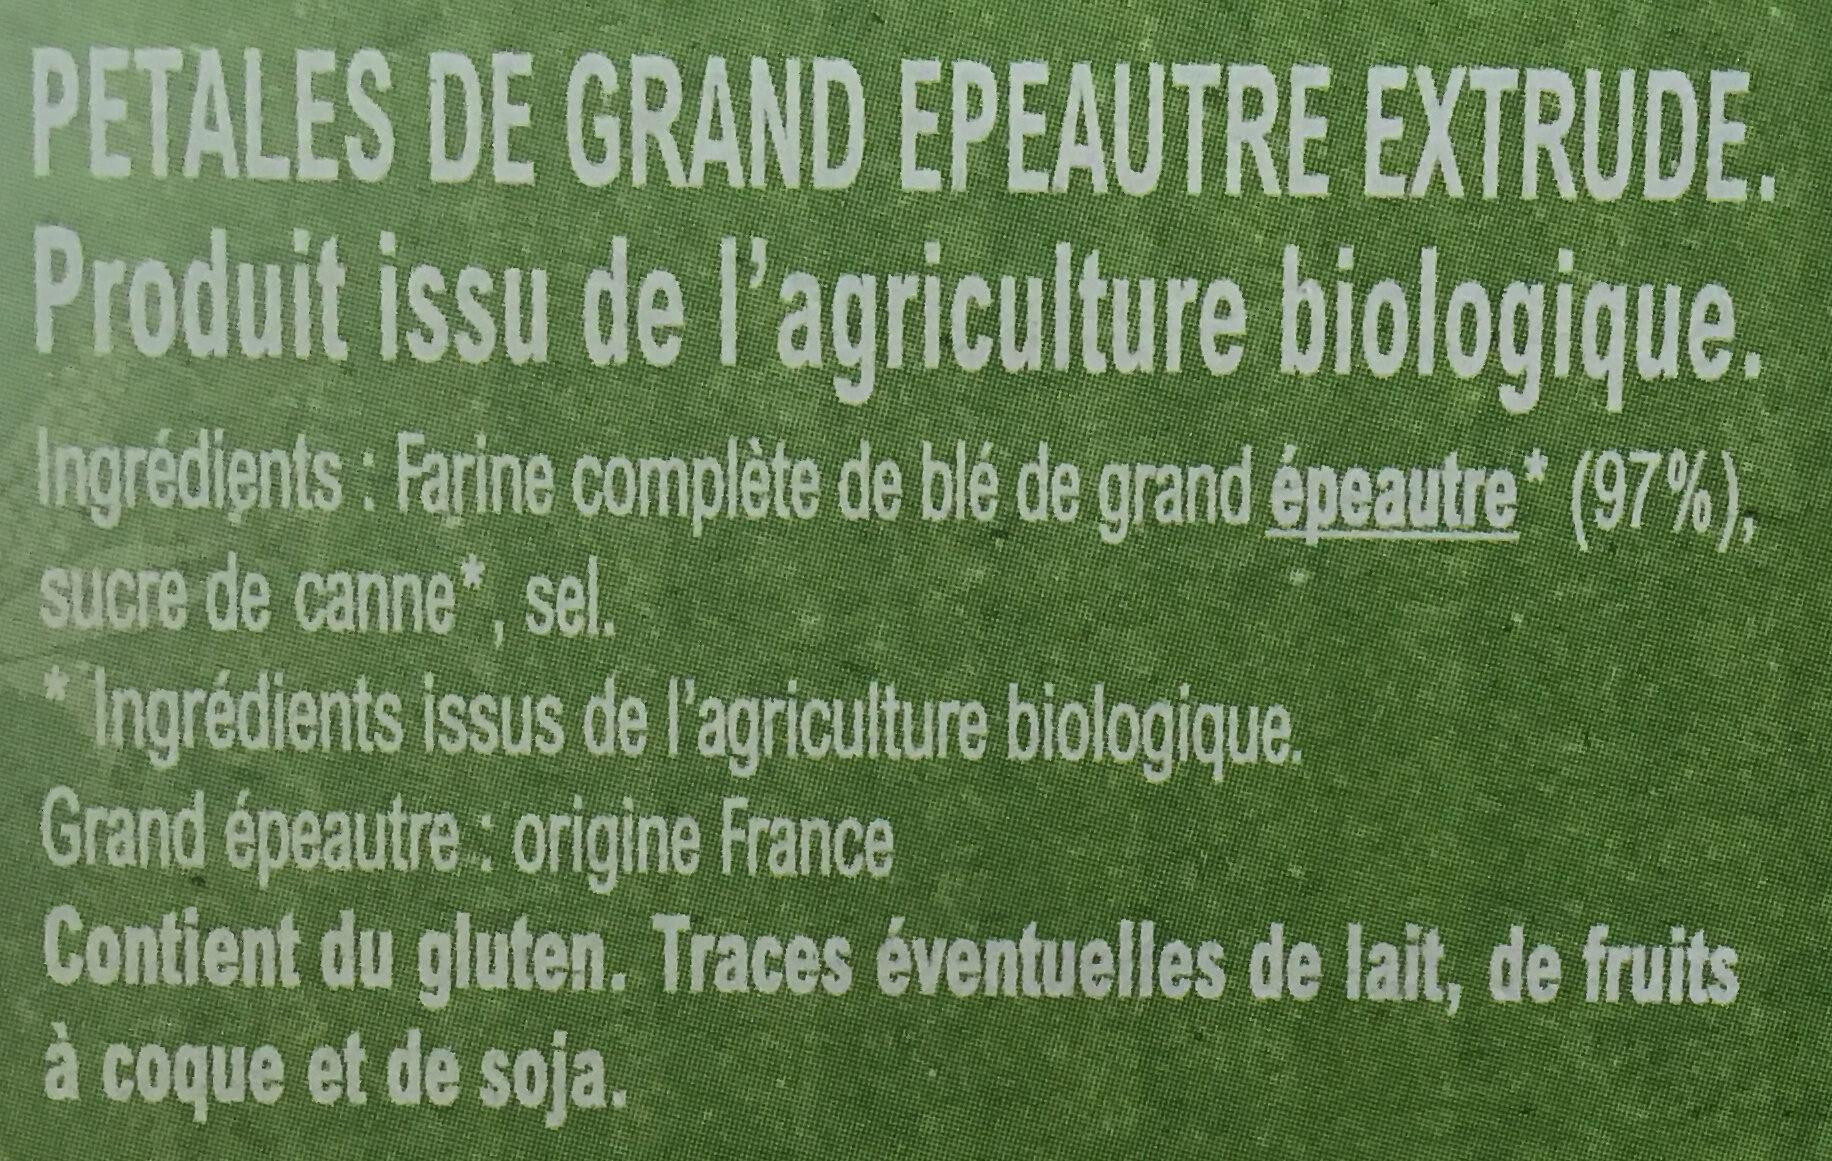 Pétales d'Epeautre - Ingredients - fr